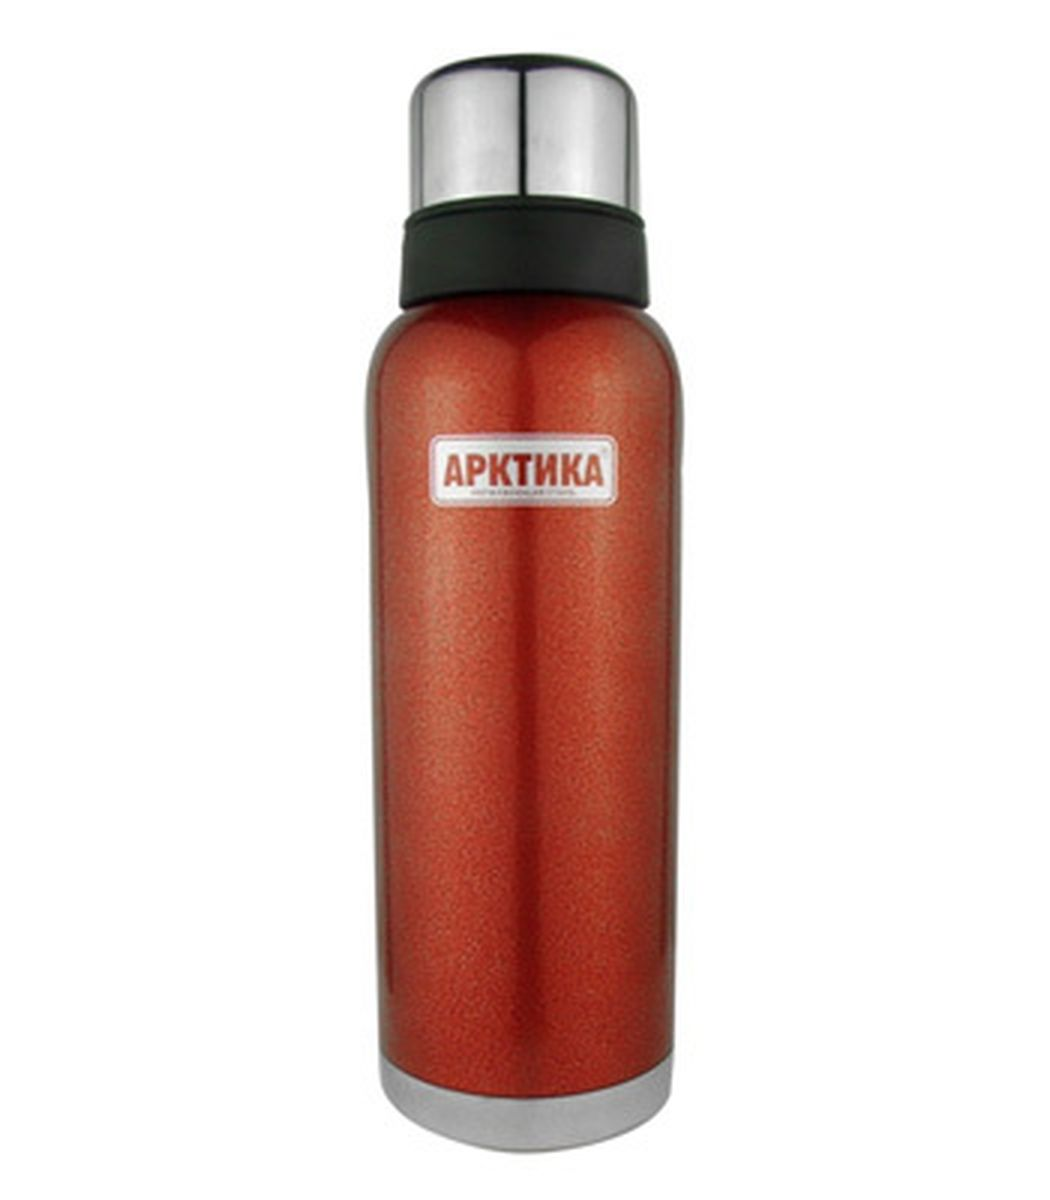 Термос Арктика, с чашей, цвет: красный, стальной, черный, 1,2 лAS009Термос Арктика изготовлен из высококачественной нержавеющей стали с матовой полировкой. Двойная колба из нержавеющей стали сохраняет напитки горячими и холодными до 32 часов. В комплекте дополнительная пластиковая чашка.Удобный, компактный и практичный термос пригодится в путешествии, походе и поездке. Не рекомендуется использовать в микроволновой печи и мыть в посудомоечной машине.Диаметр горлышка: 4,5 см. Диаметр основания термоса: 9 см. Диаметр чаши (по верхнему краю): 7,5 см.высота чаши: 6 см.Диаметр крышки (по верхнему краю): 7 см.Высота крышки: 4,5 см.Высота термоса: 31 см.Время сохранения температуры (холодной и горячей): 32 часа.